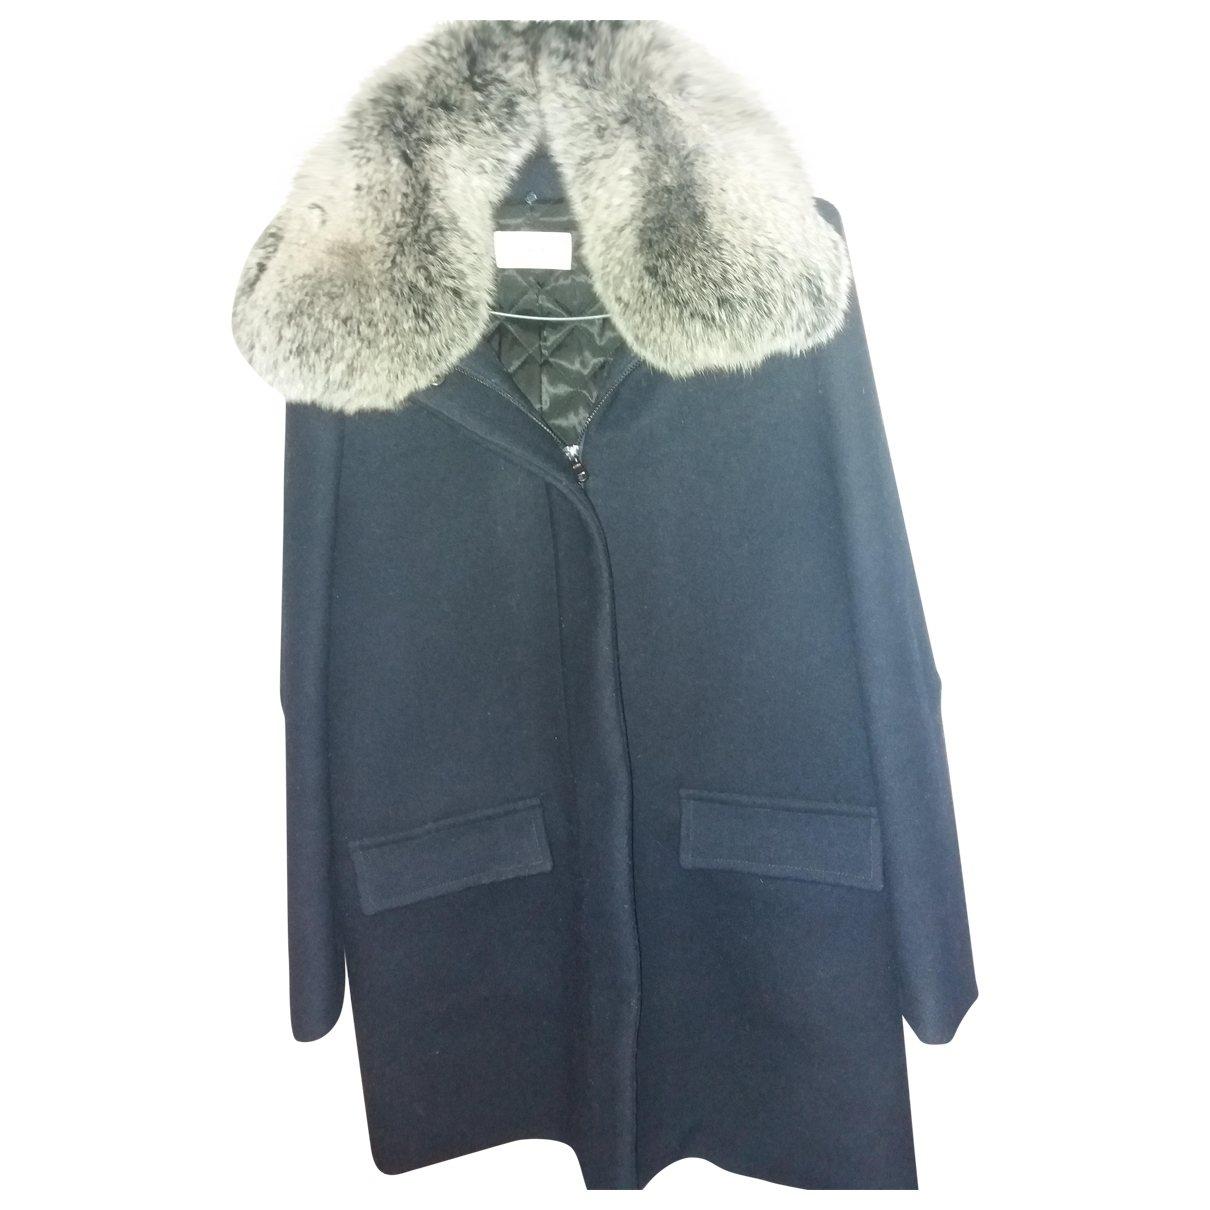 Zapa \N Navy Wool coat for Women 36 FR